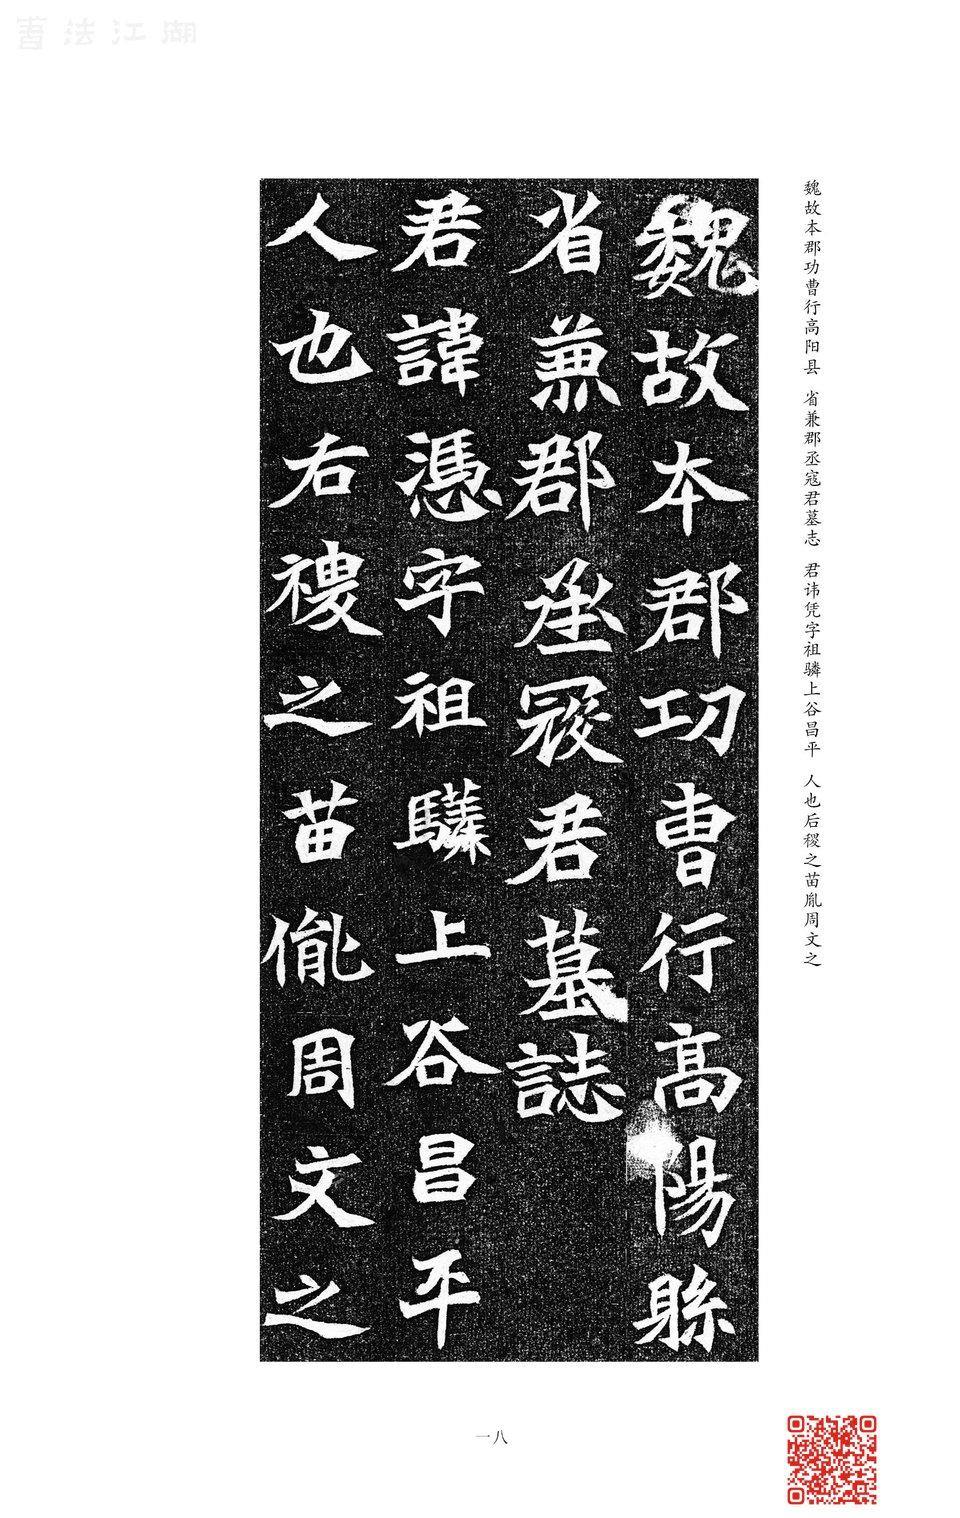 1-楷书发展(上)从隶书到隋楷的过渡-内页22.jpg